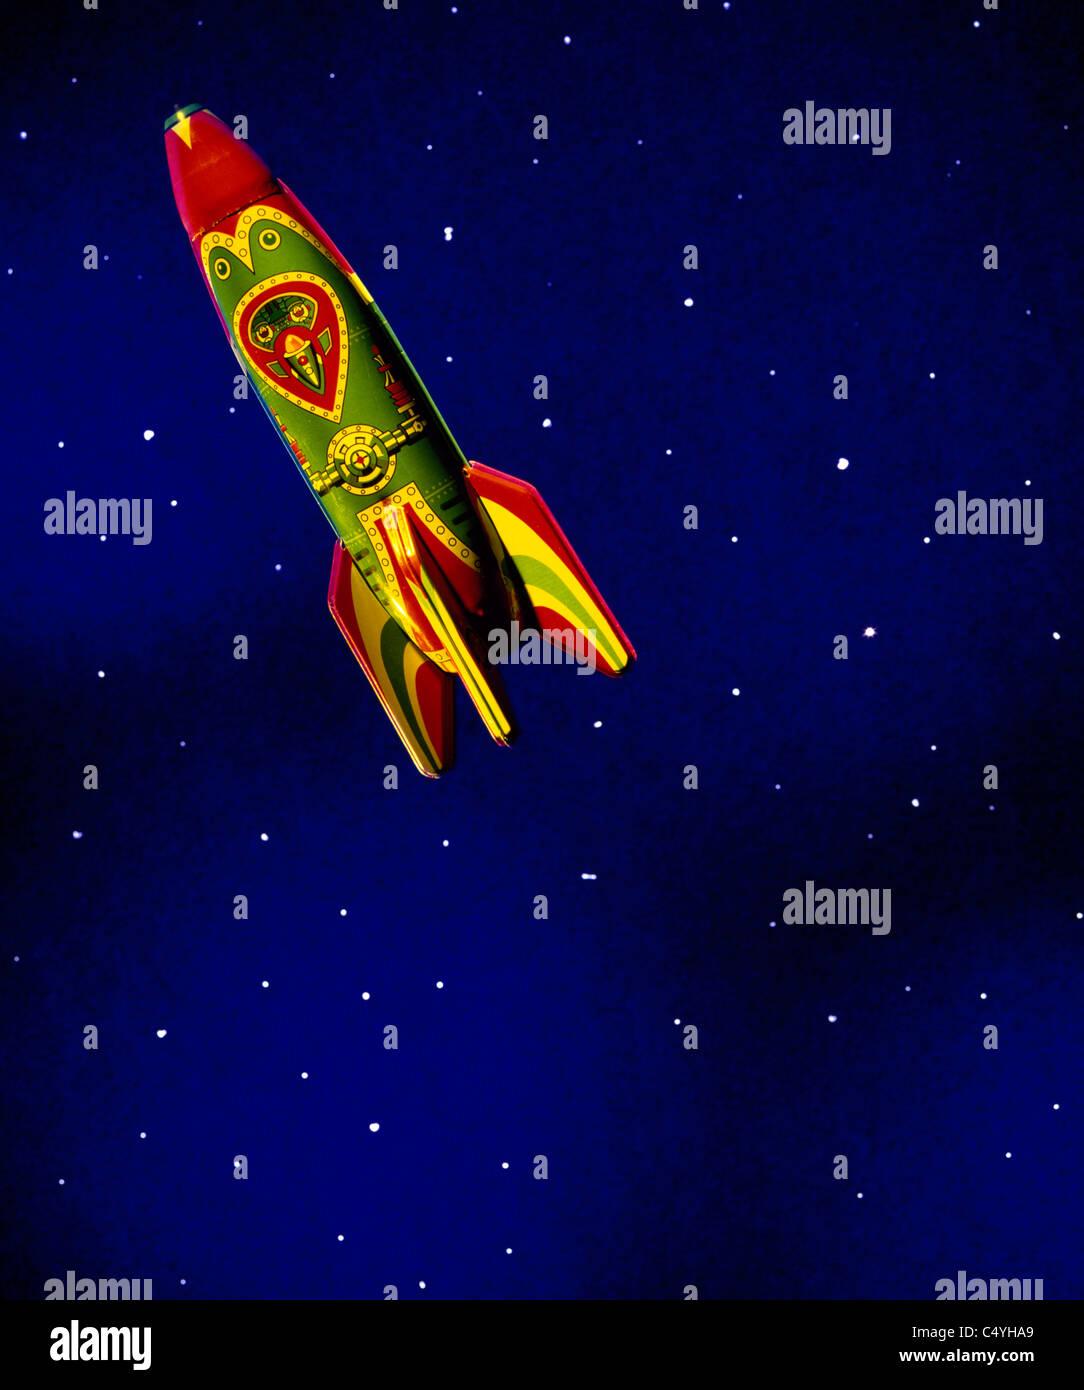 Ein Kinder Spielzeug-Rakete im dunklen blauen Raum und Sterne schweben Stockbild